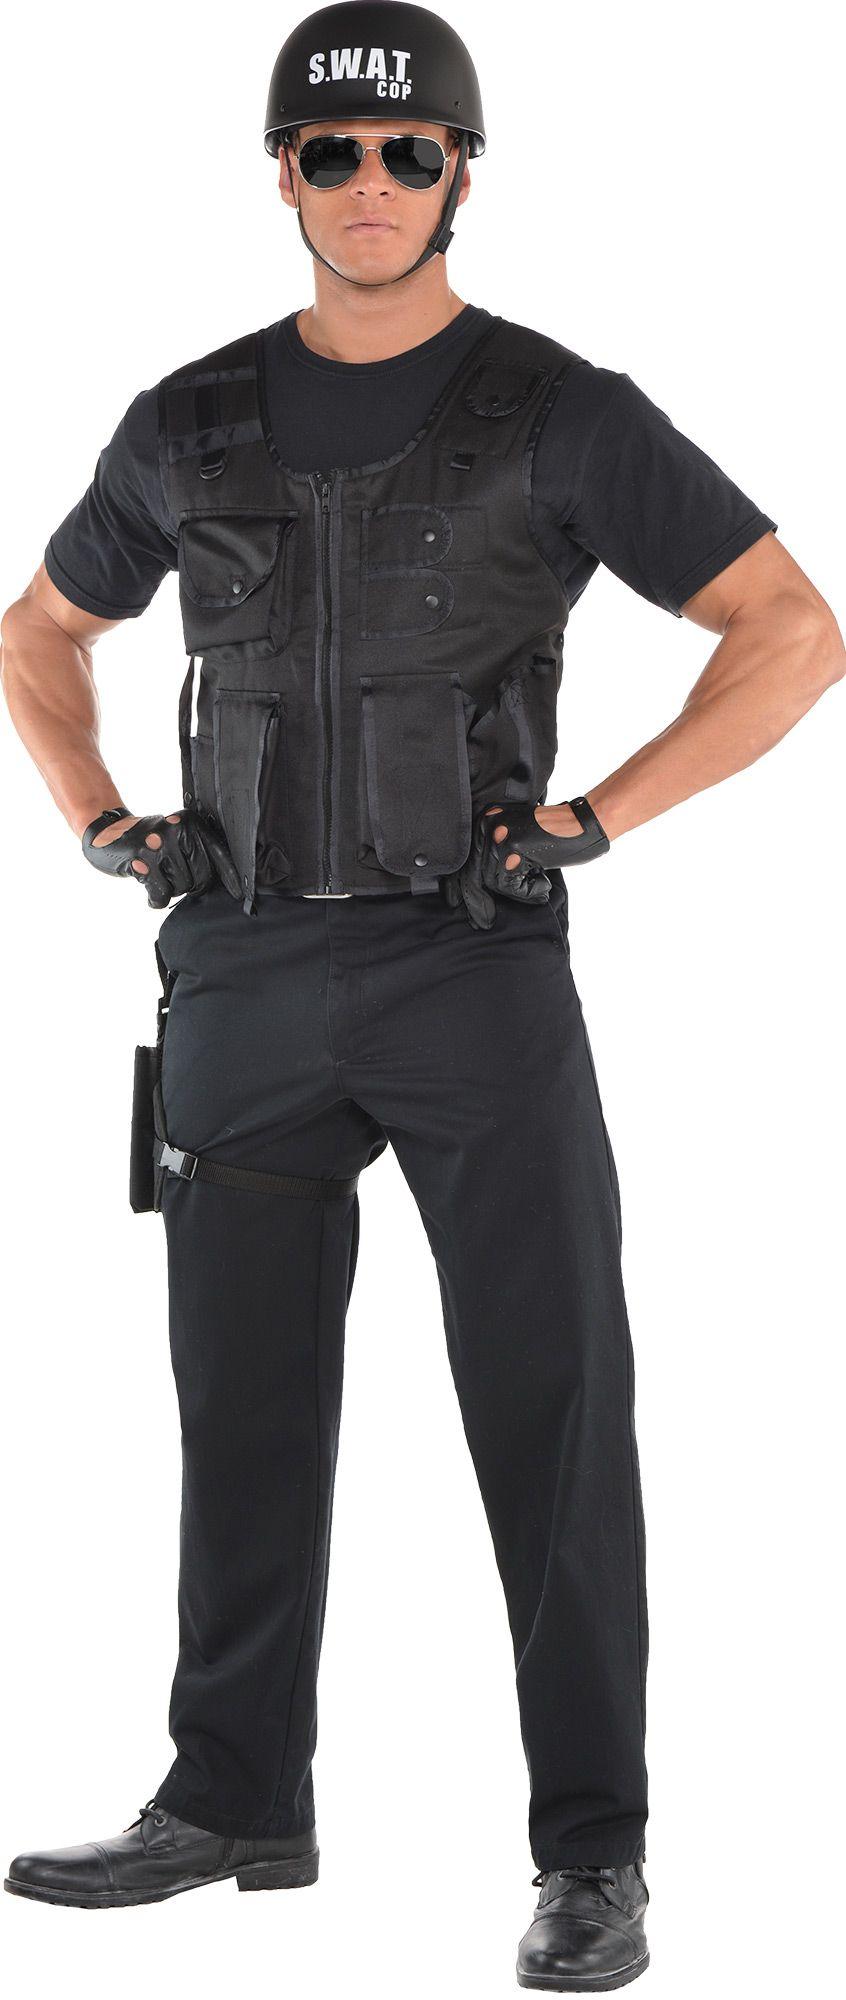 Create Your Look - Men's SWAT